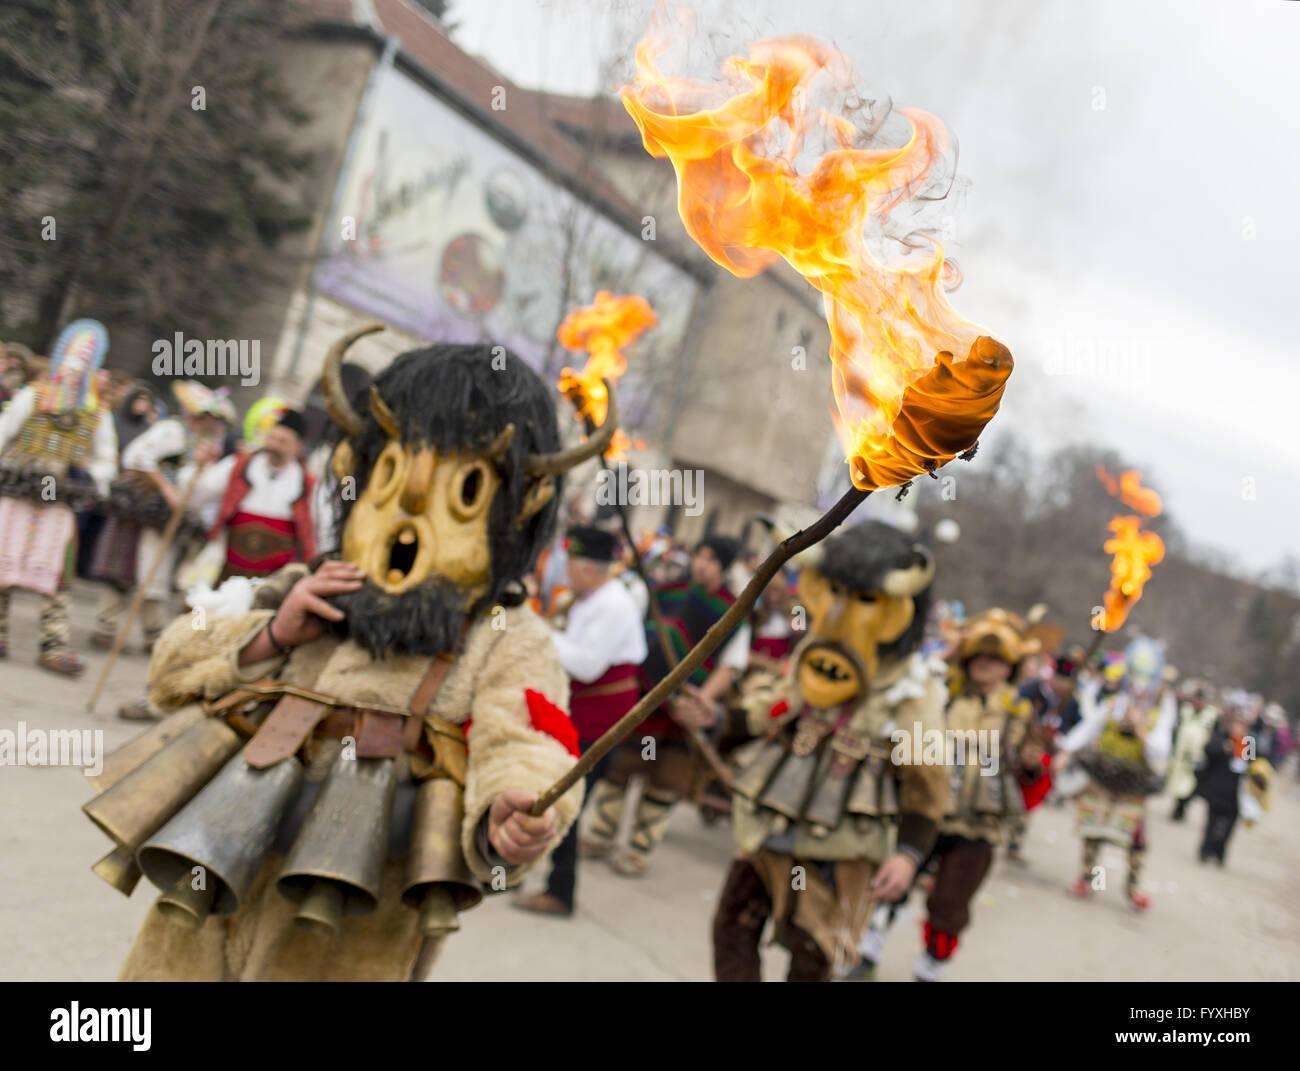 Surva mask costume festival fire - Stock Image